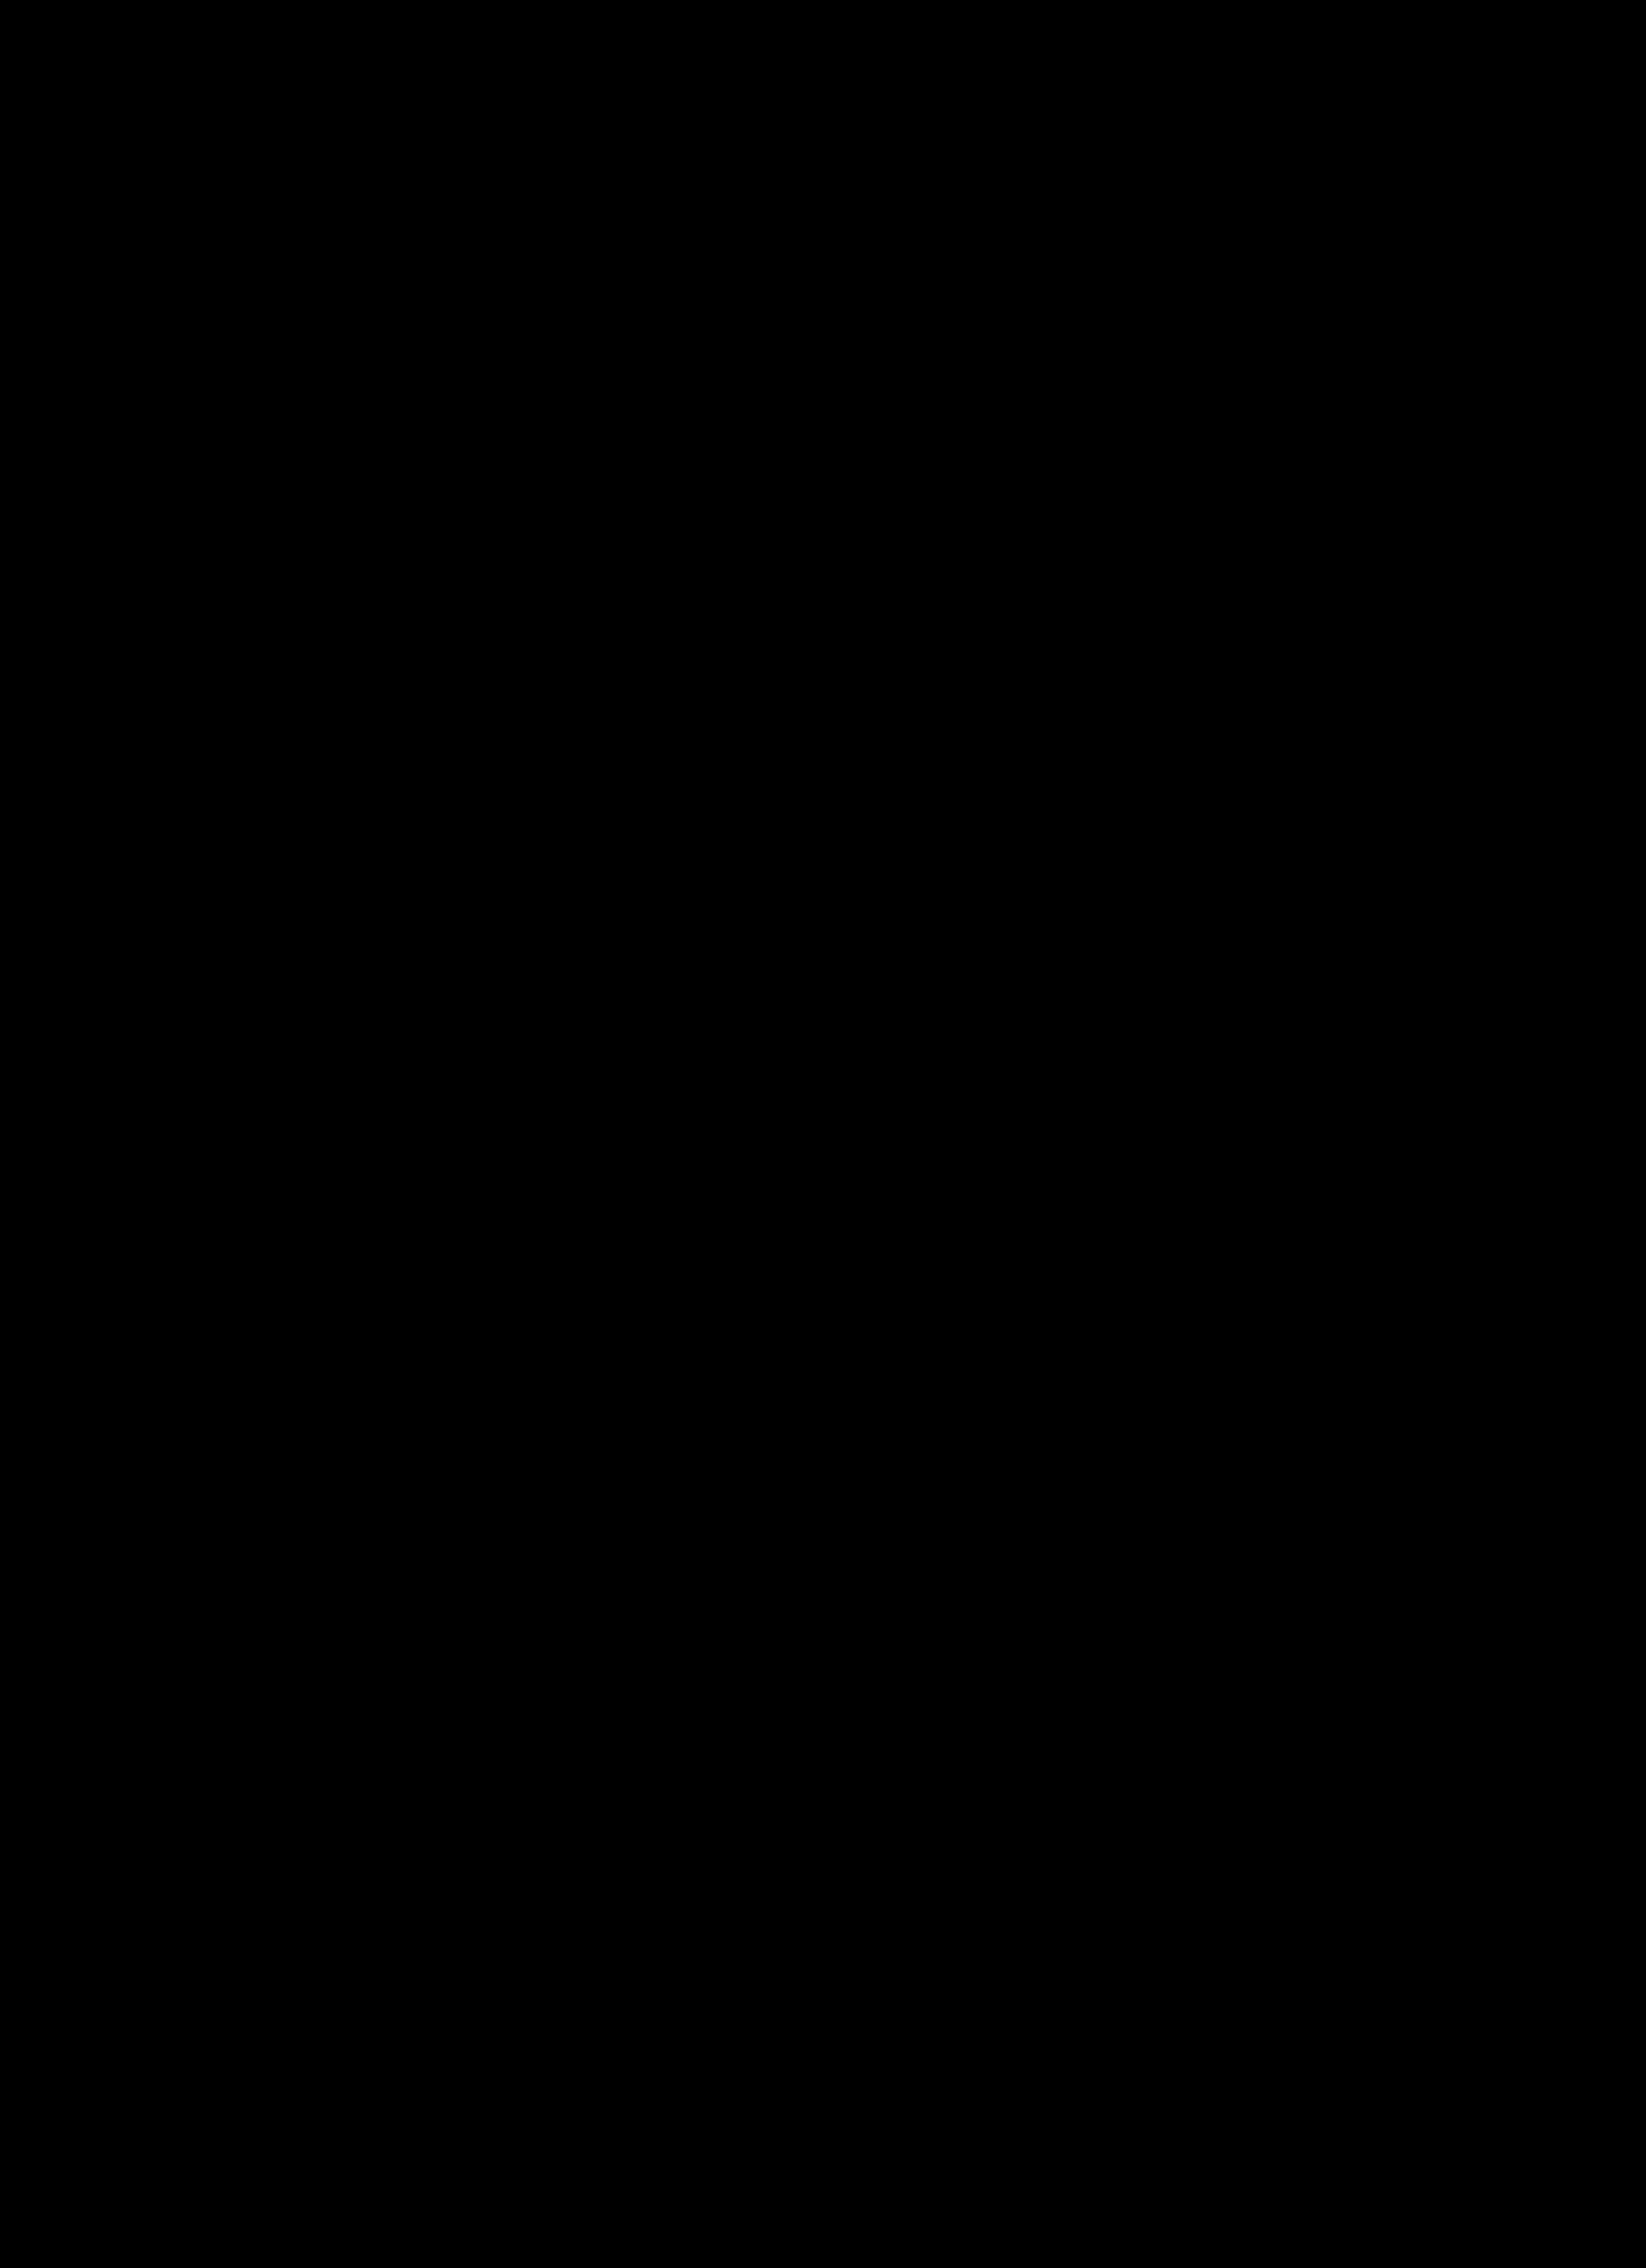 jura carte de france La superficie du vignoble du Jura (avec images)   Vignoble, Vin